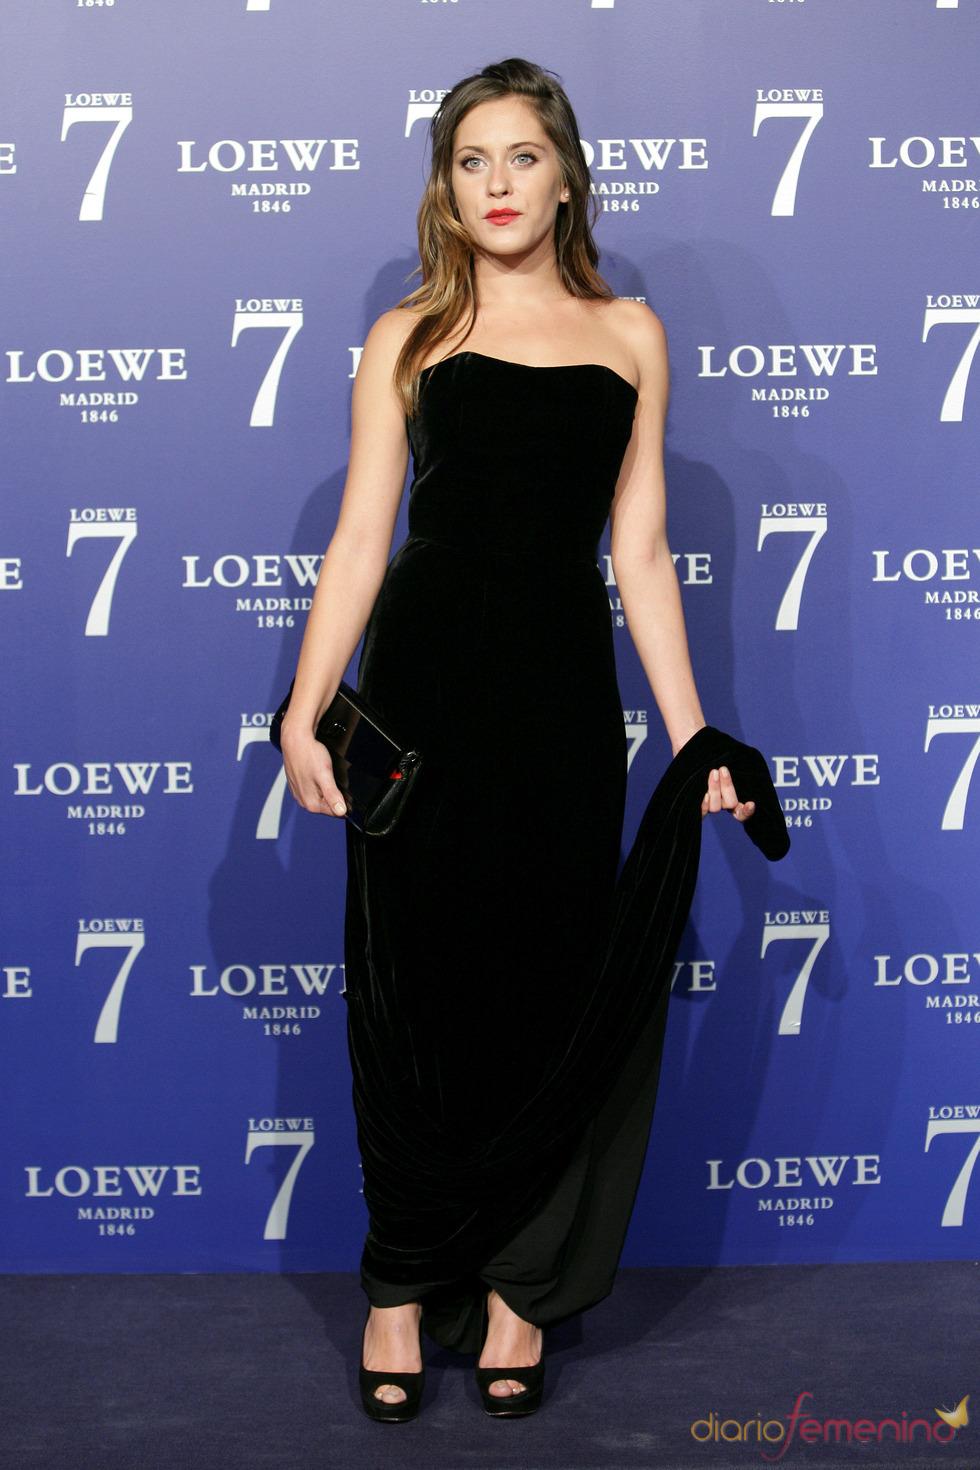 María León en la presentación de la fragancia 7 de Loewe Madrid